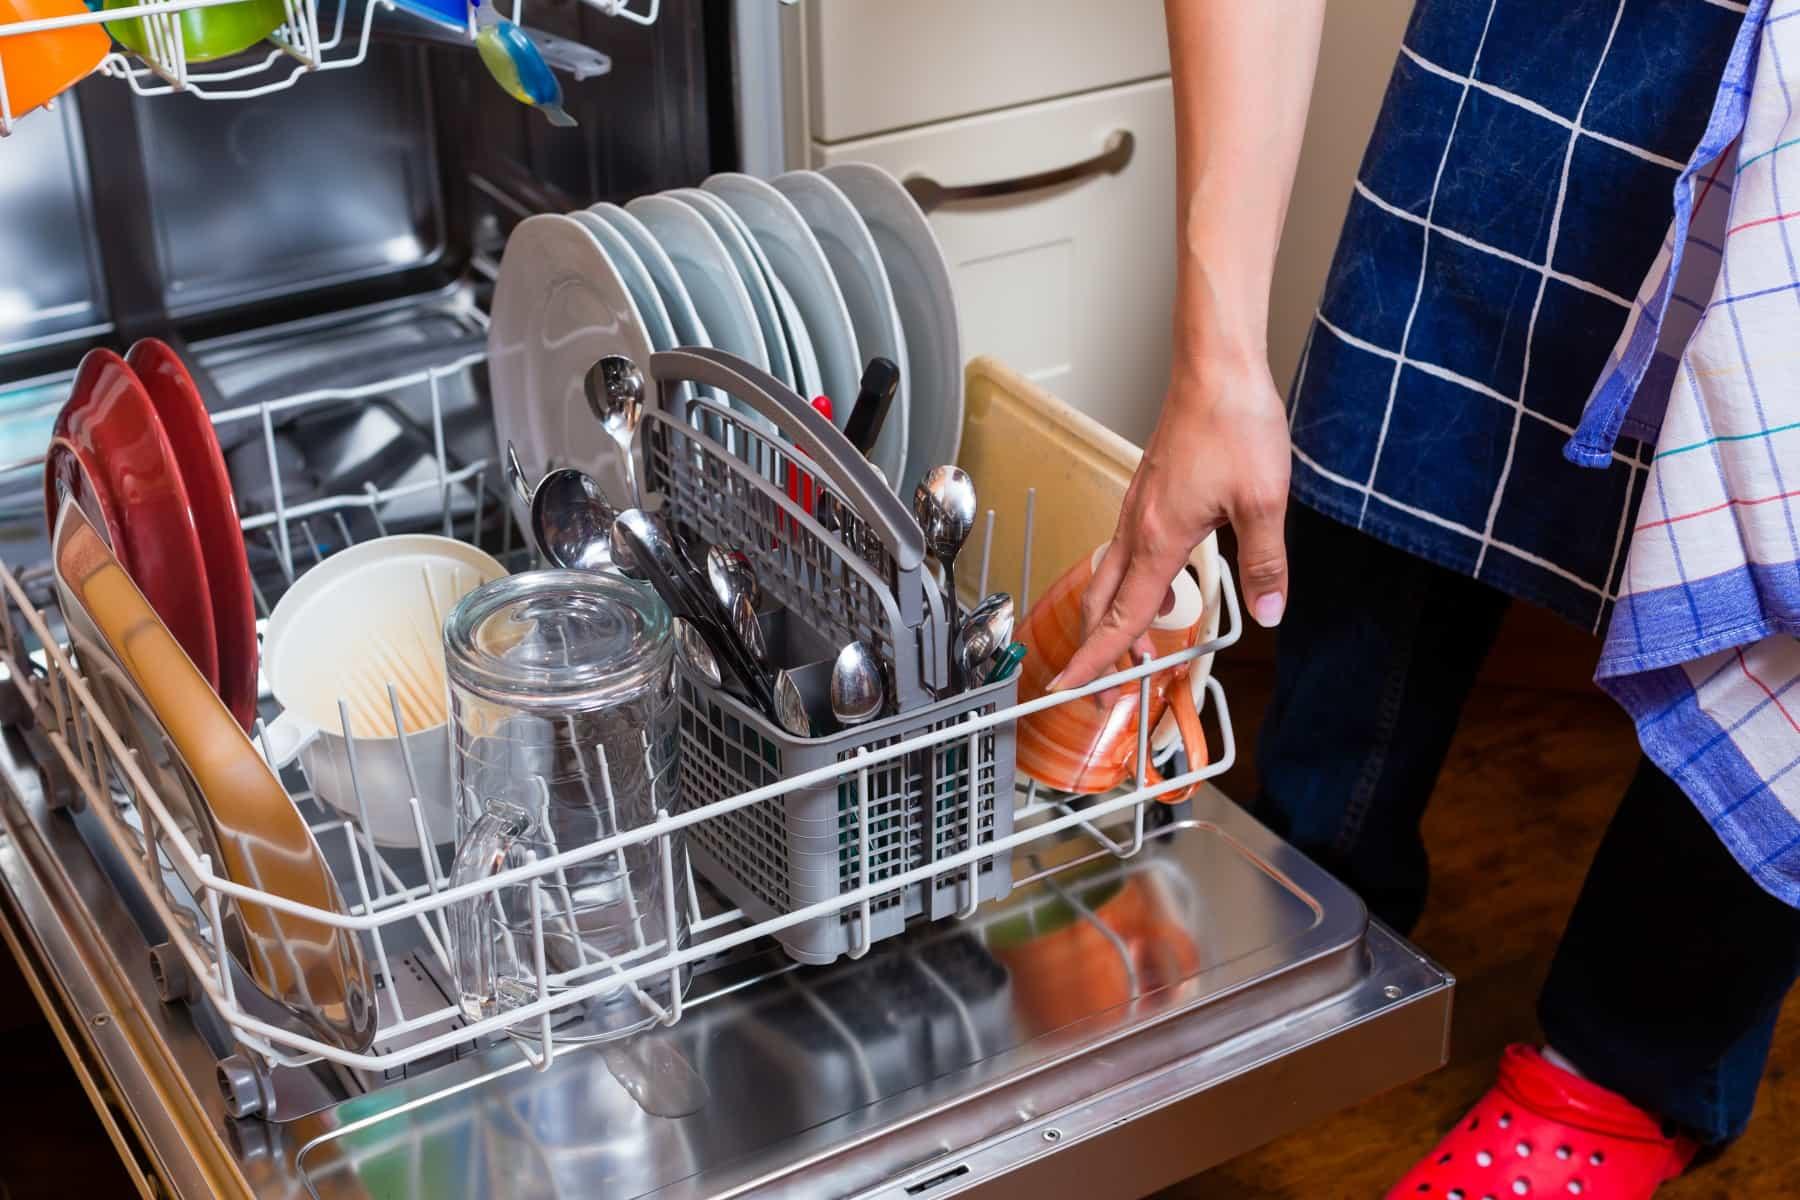 быстрая мойка в посудомойке